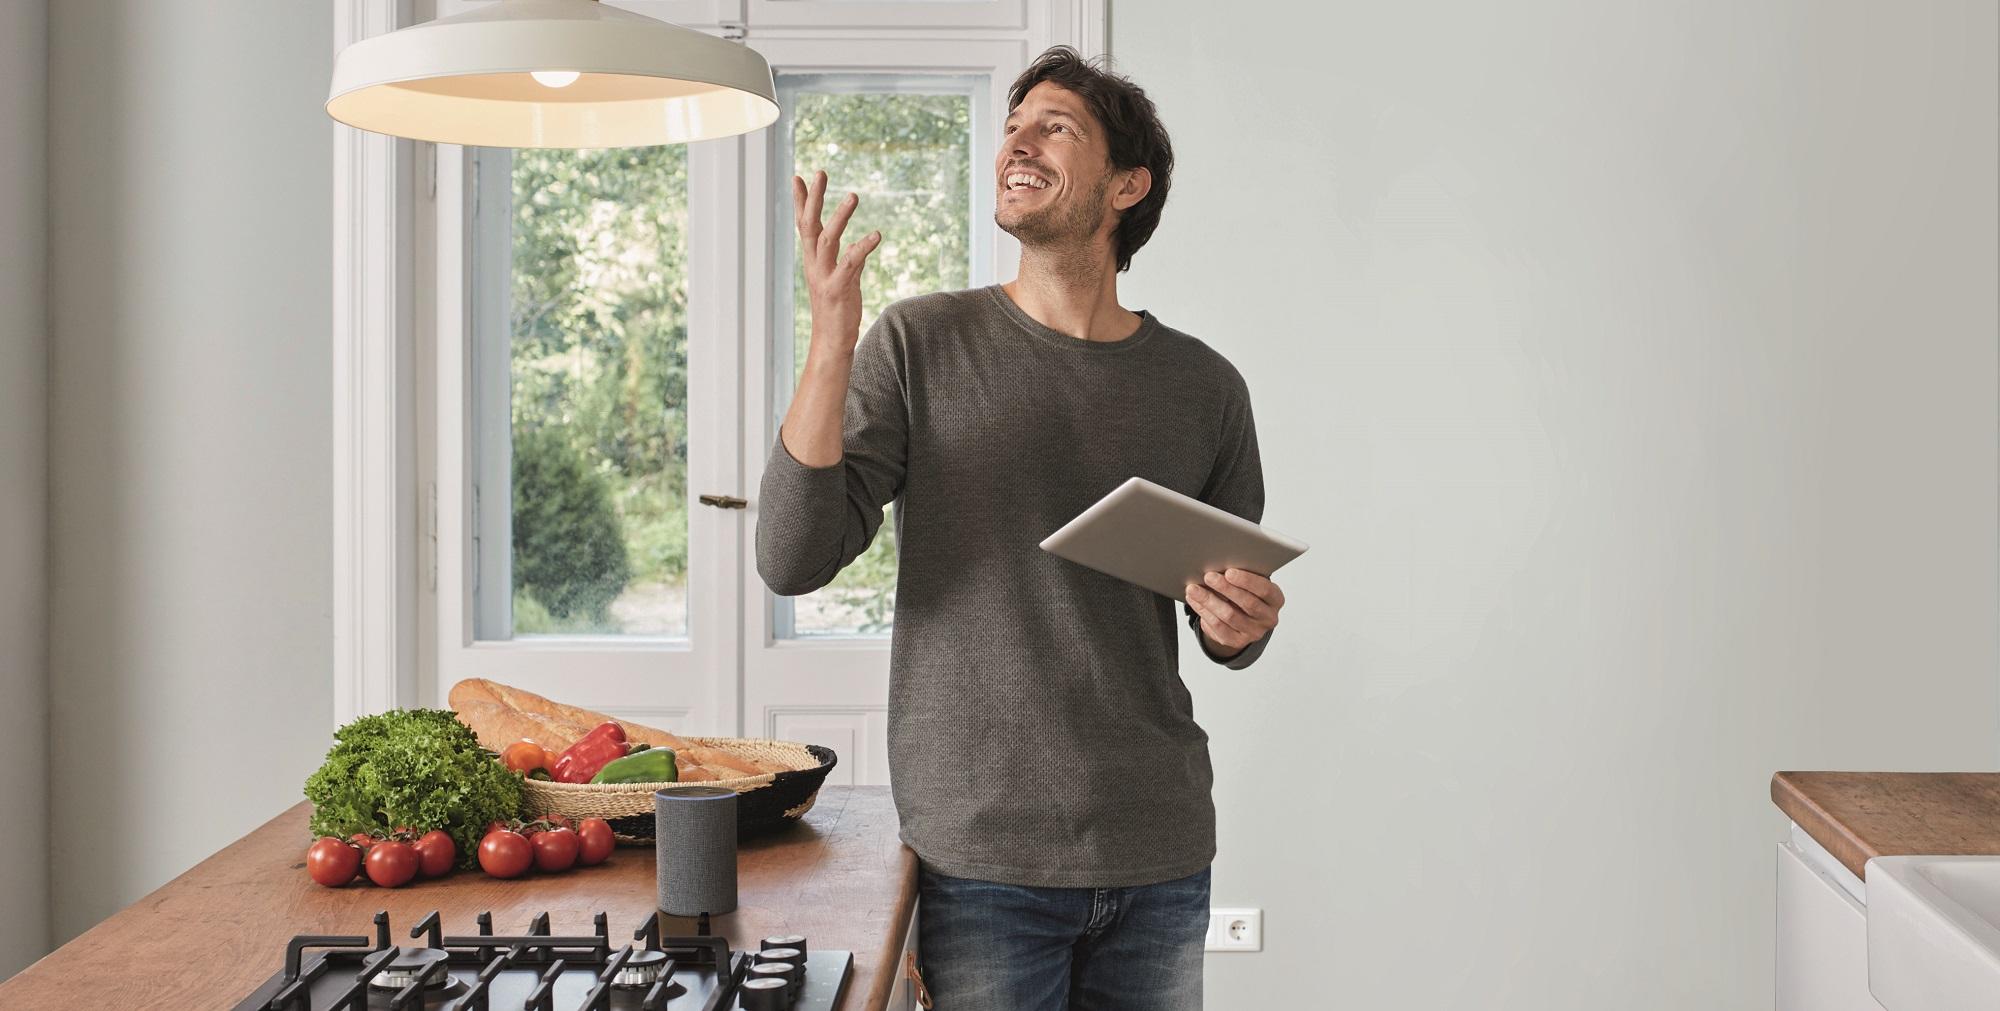 eNet SMART HOME Sprachsteuerung mit Amazon Alexa und Google-Assitant